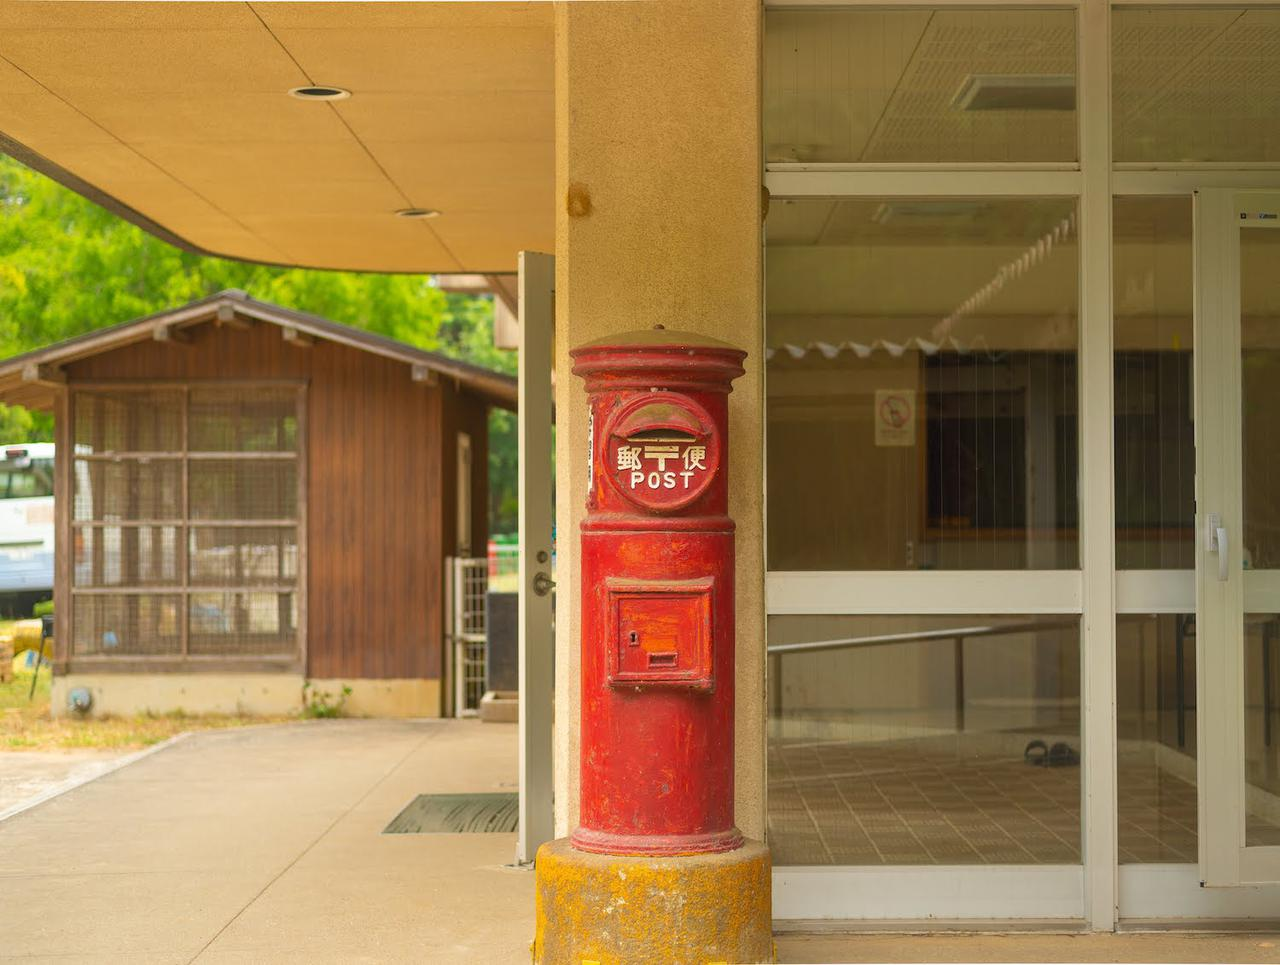 画像: なぜここ!? 校舎の入り口ではなく、体育館の入り口に置かれた赤いポスト